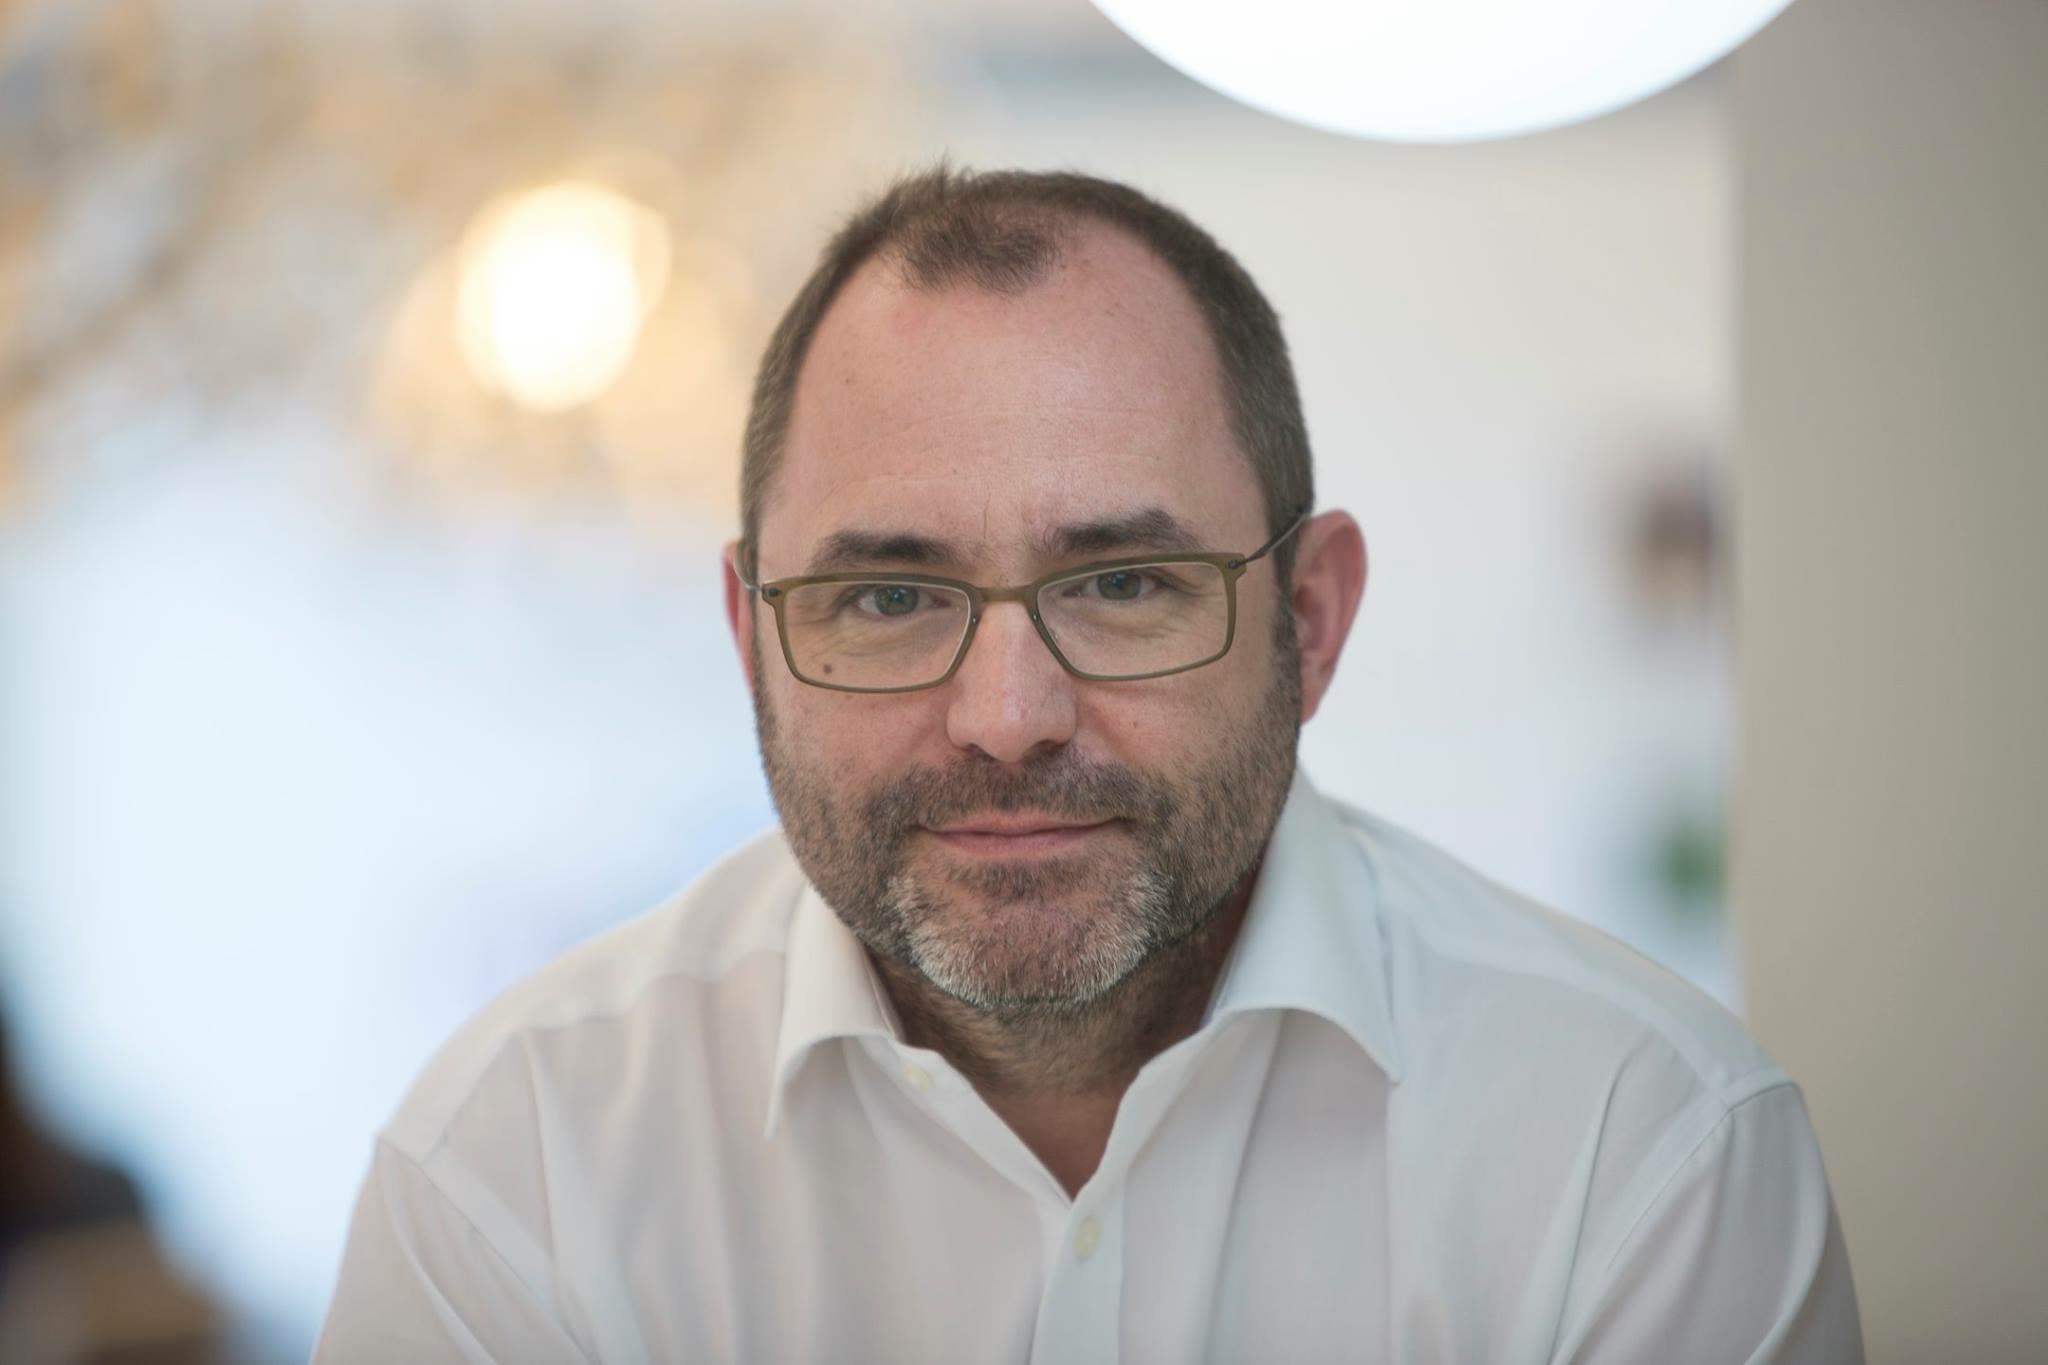 Ian Dorrian